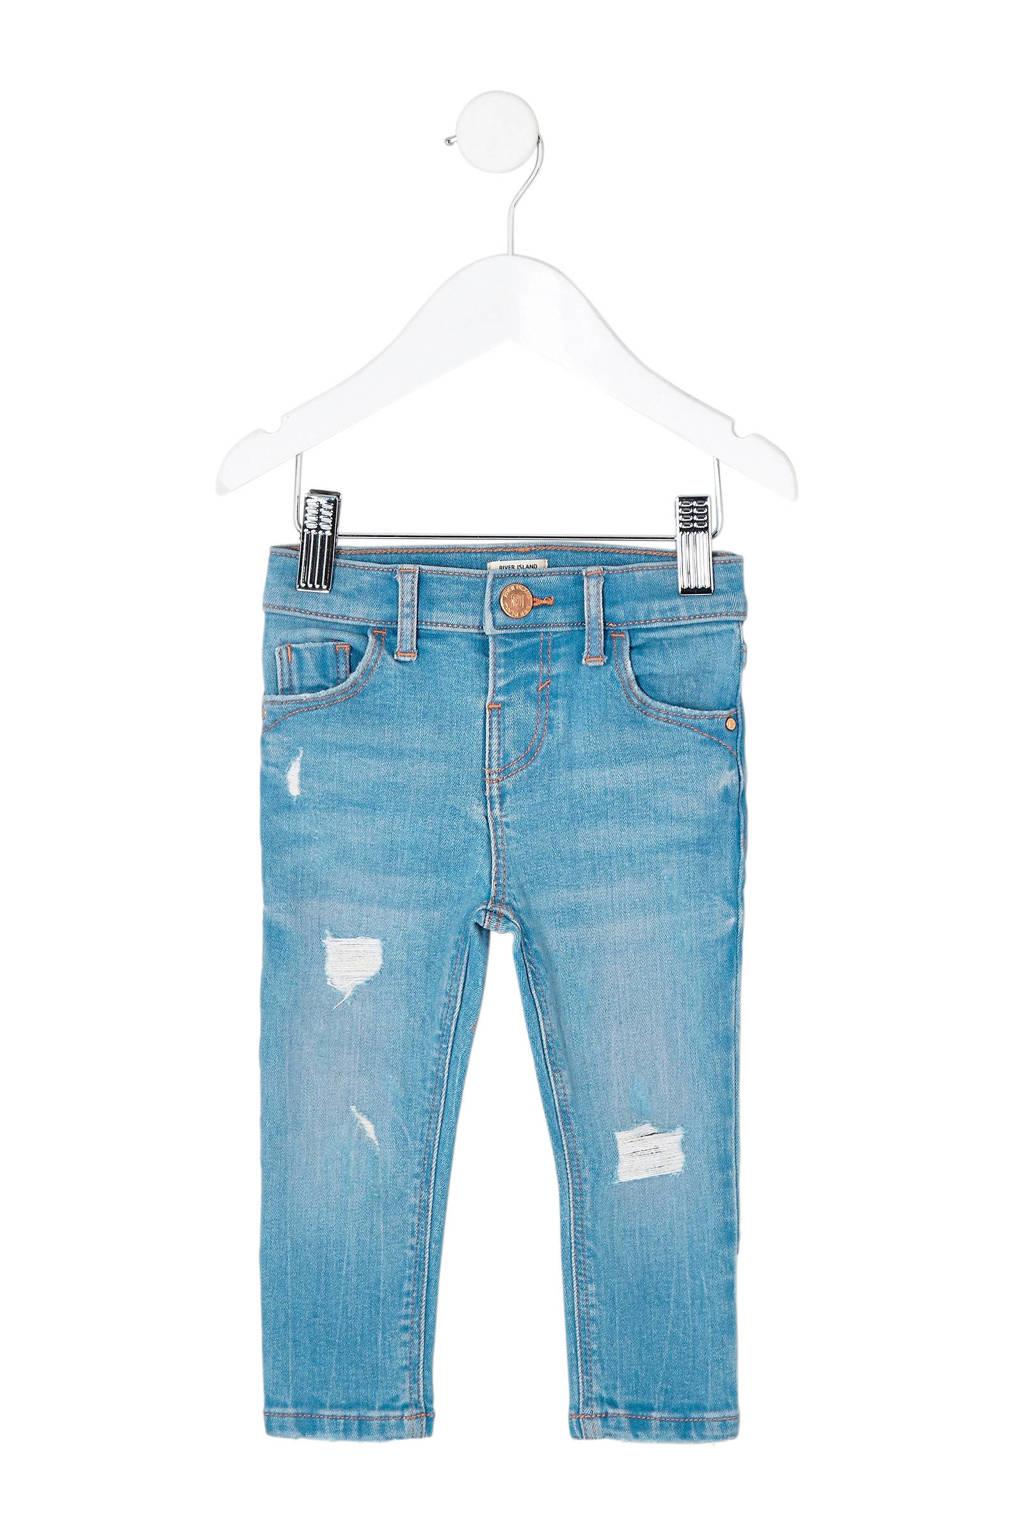 River Island skinny jeans Amelie met slijtage details, Stonewashed